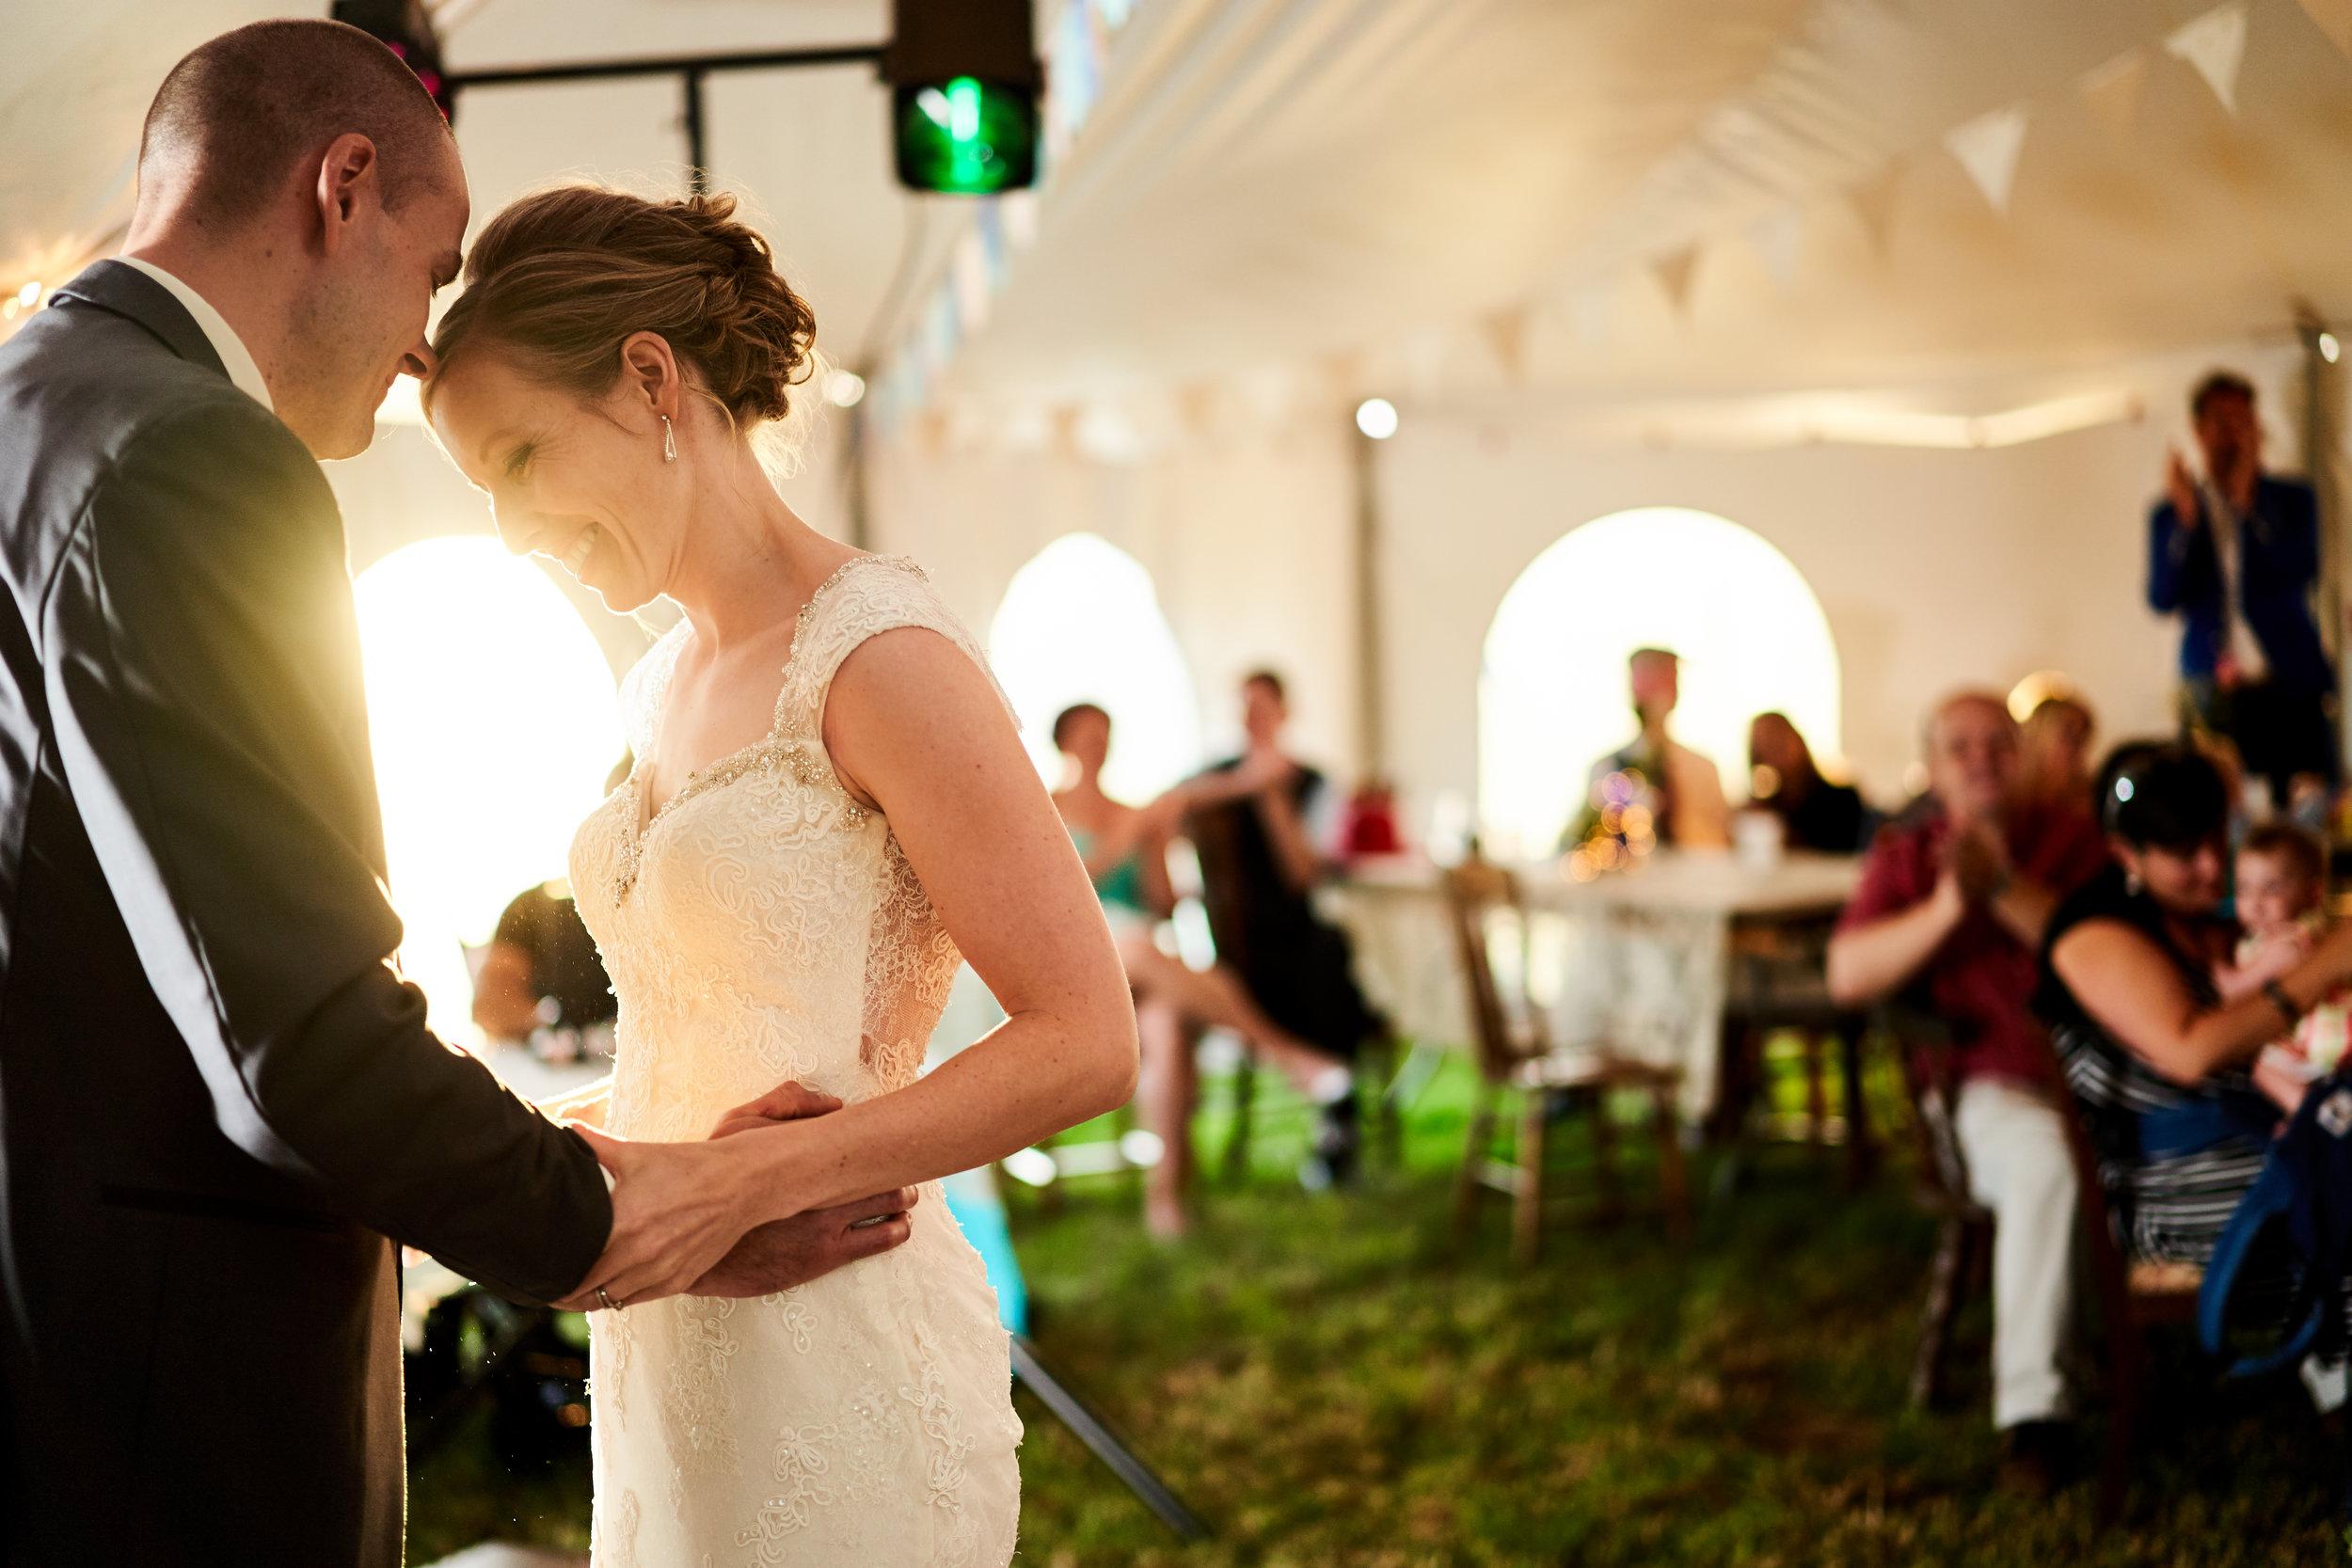 Baukje & Marc's Wedding 753.jpg